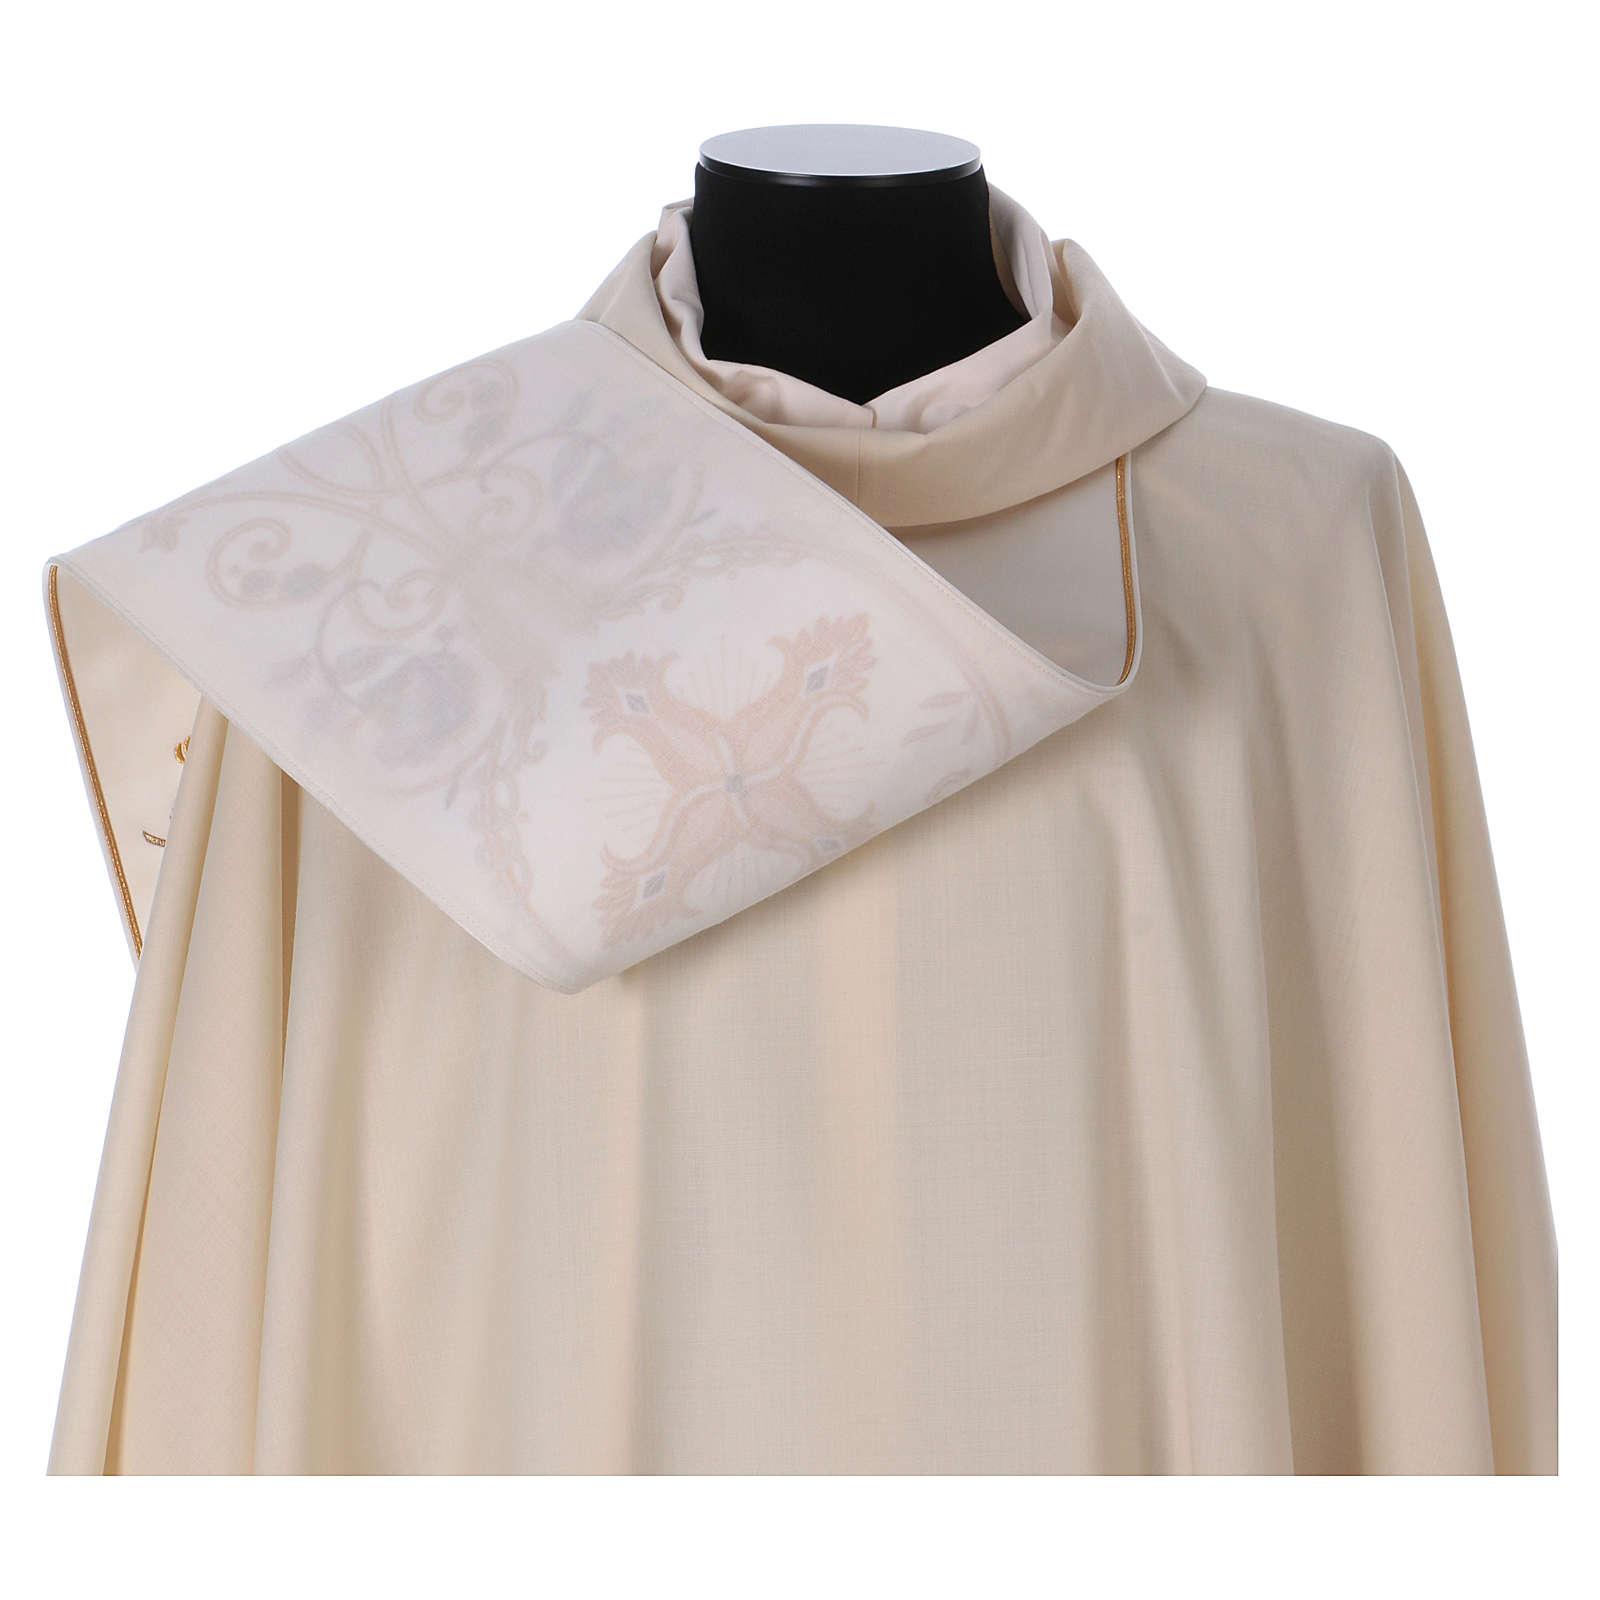 Casula Dourada Pura Lã Estolão Bordado  4